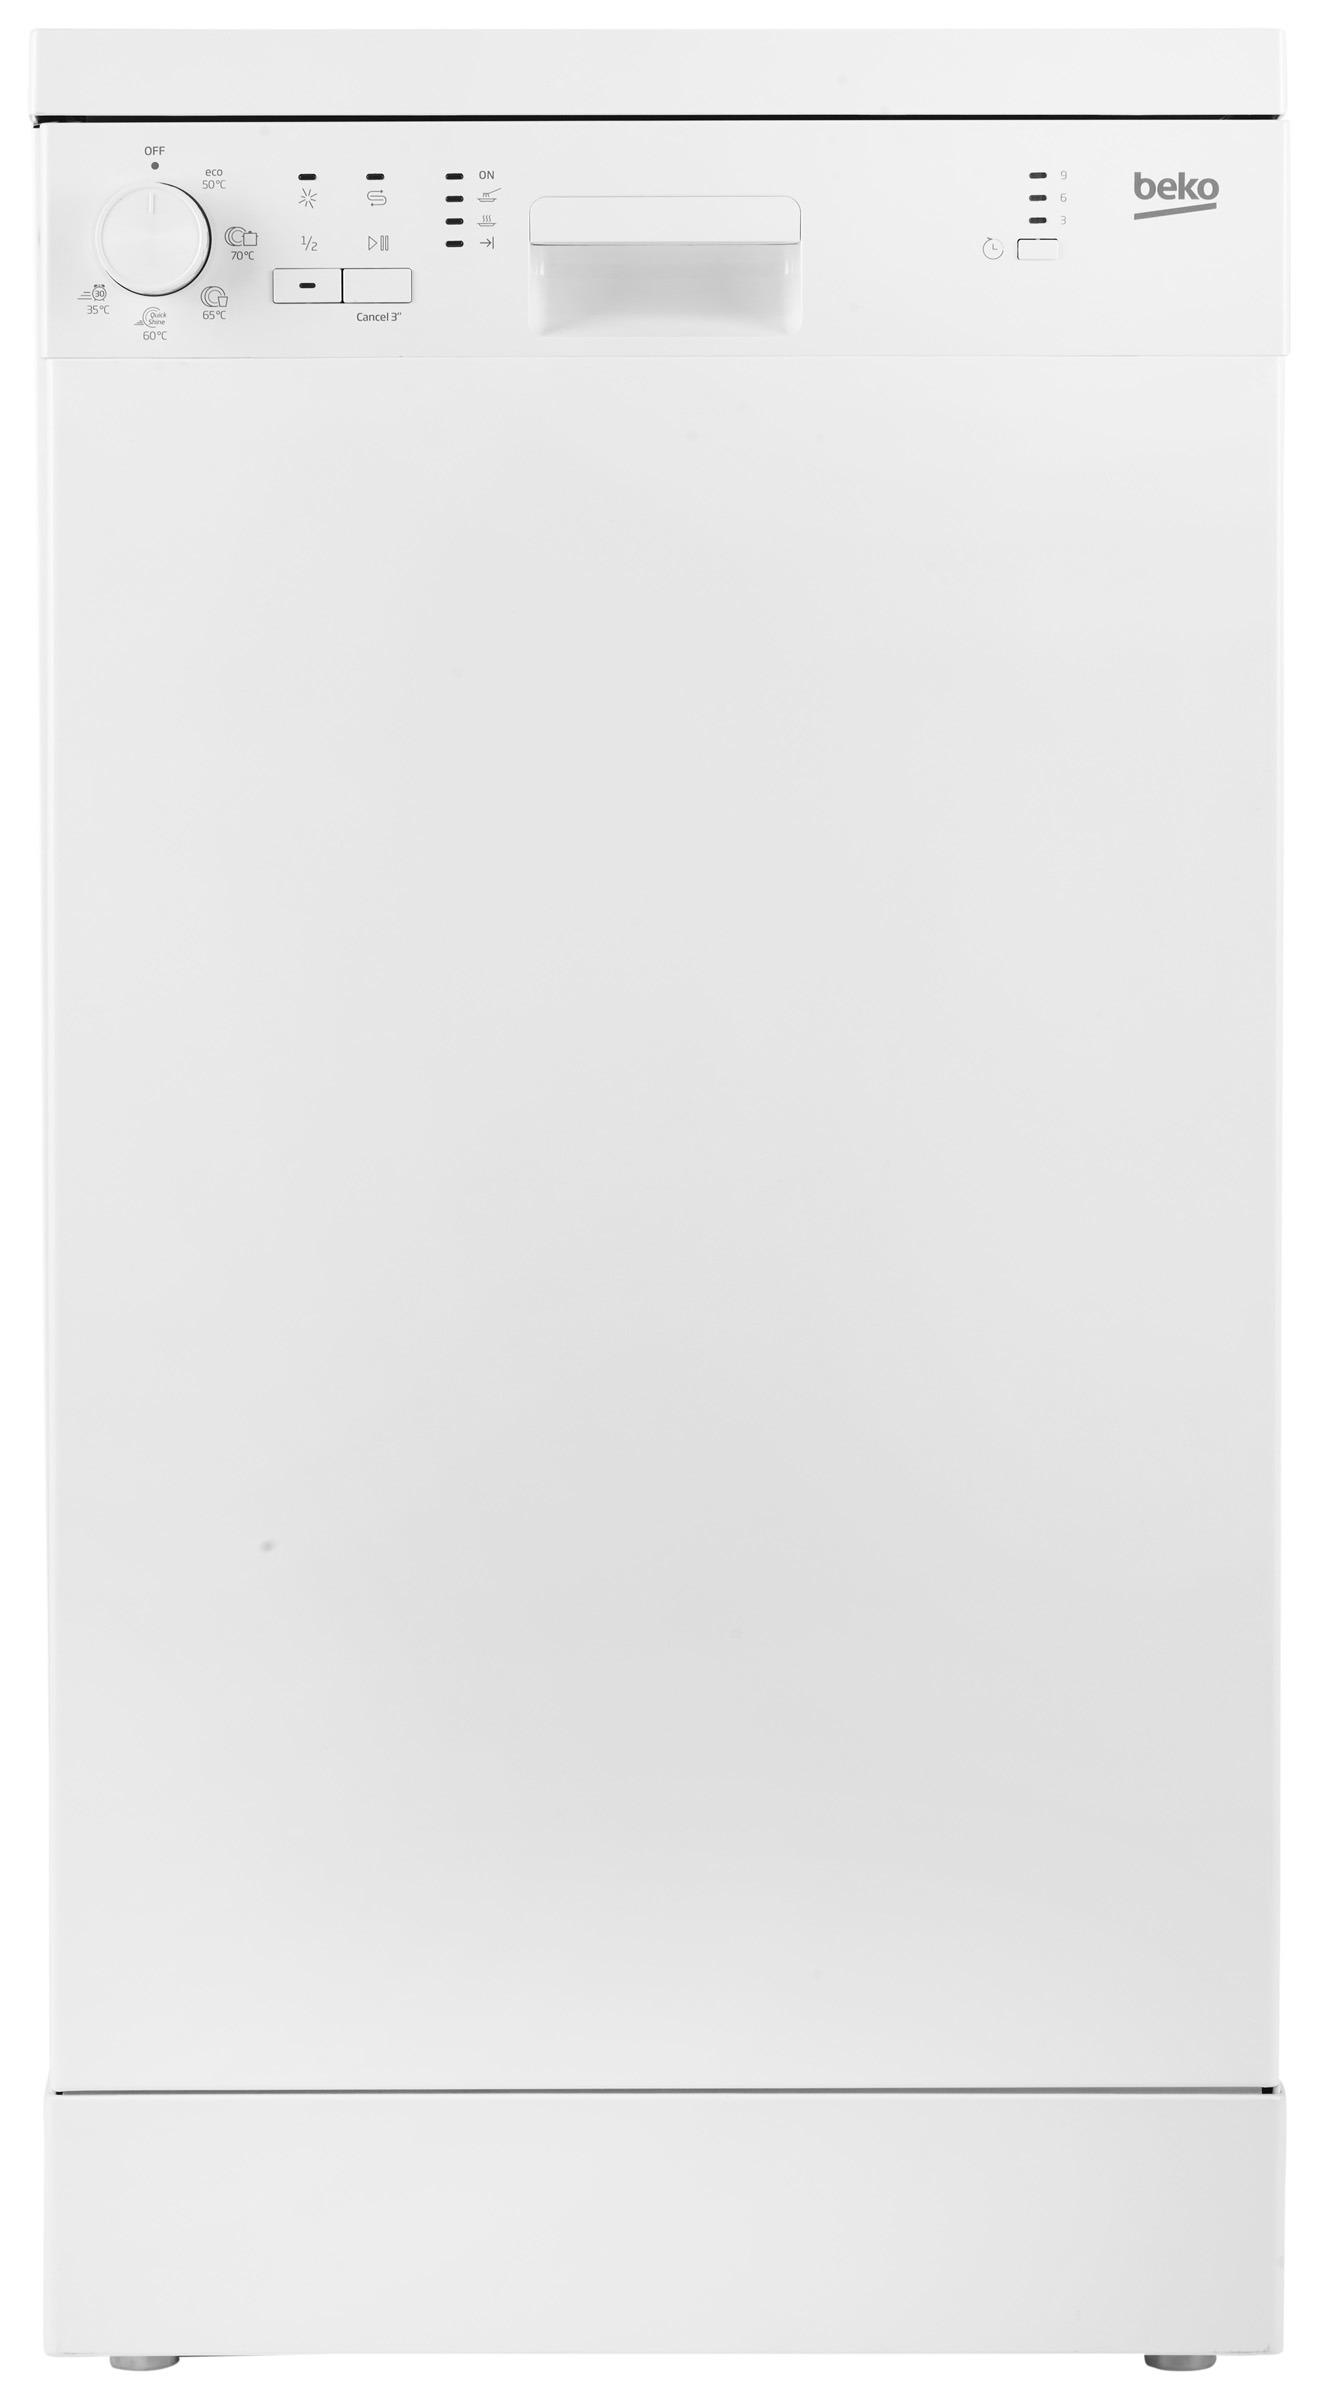 Beko vrijstaande vaatwasser DFS05013W wit